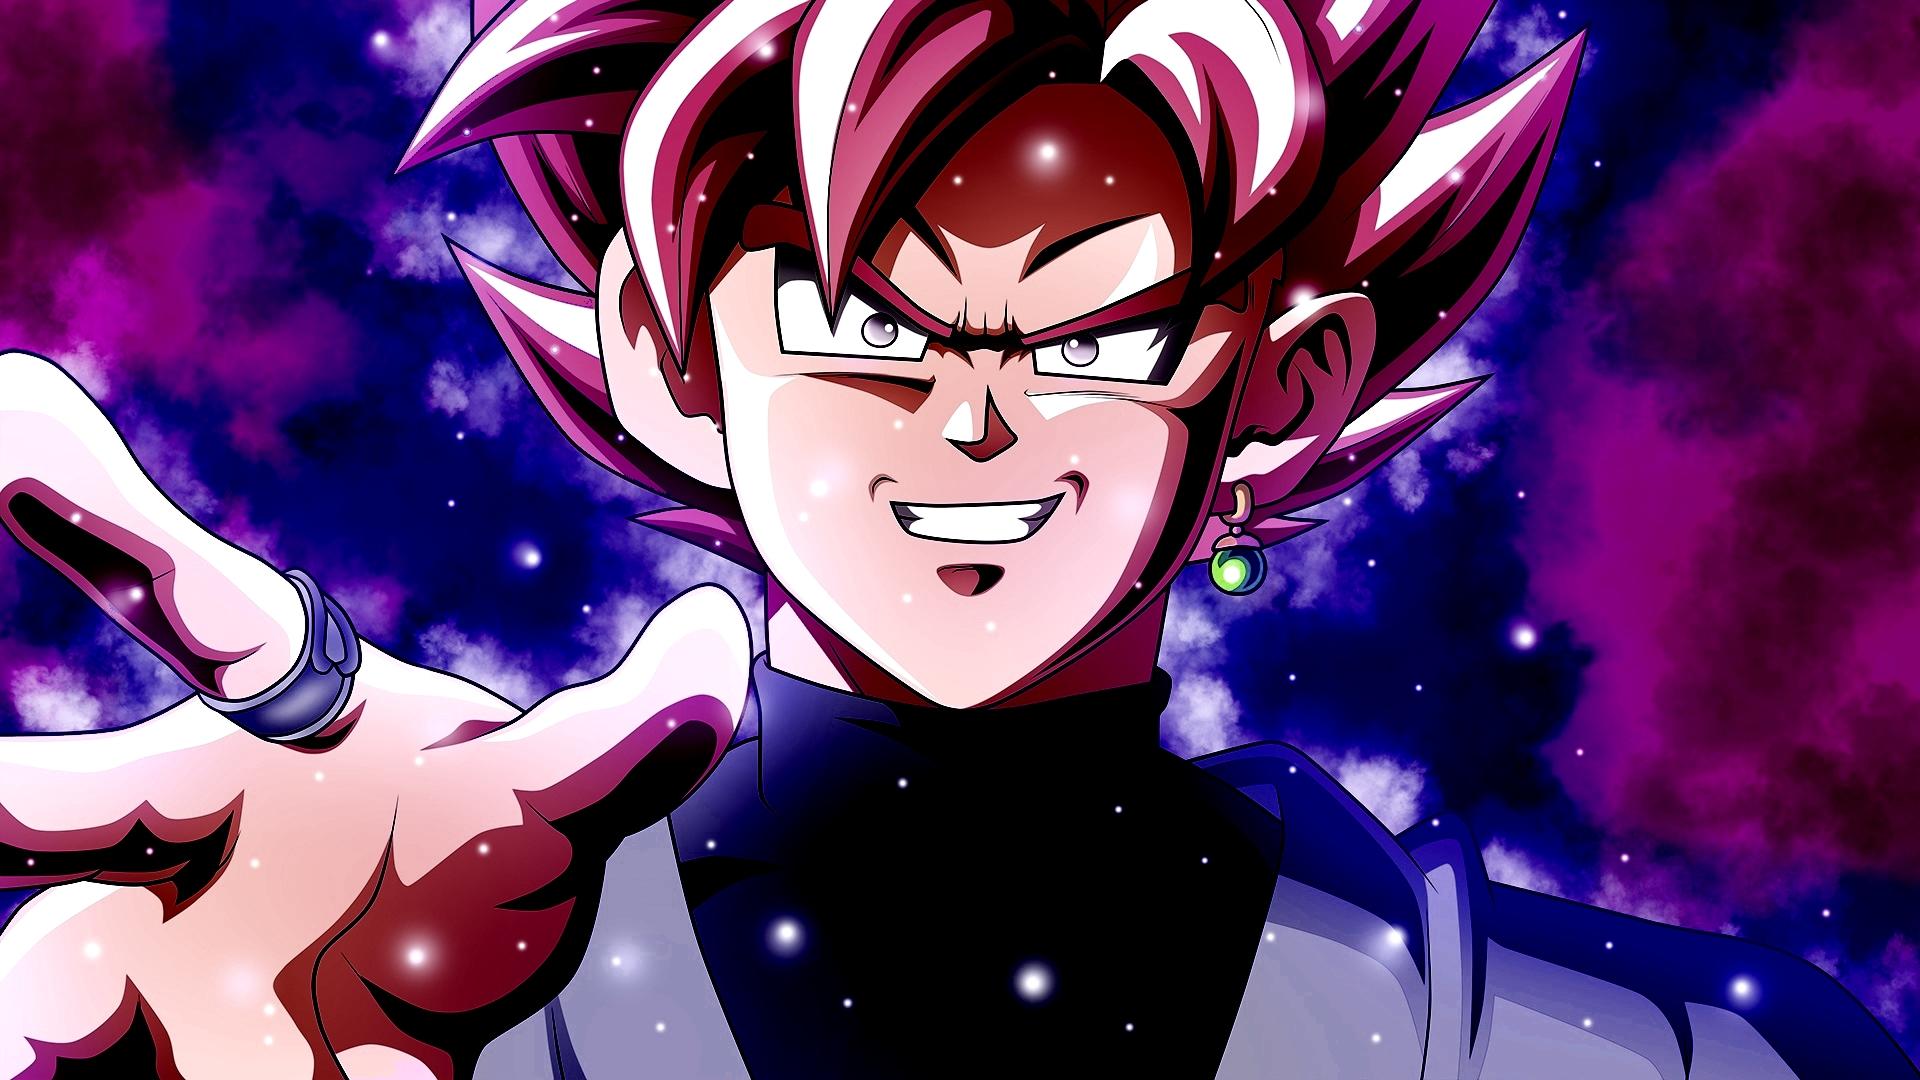 Ascended Rose Goku Black Hd By Gupt07ash On Deviantart